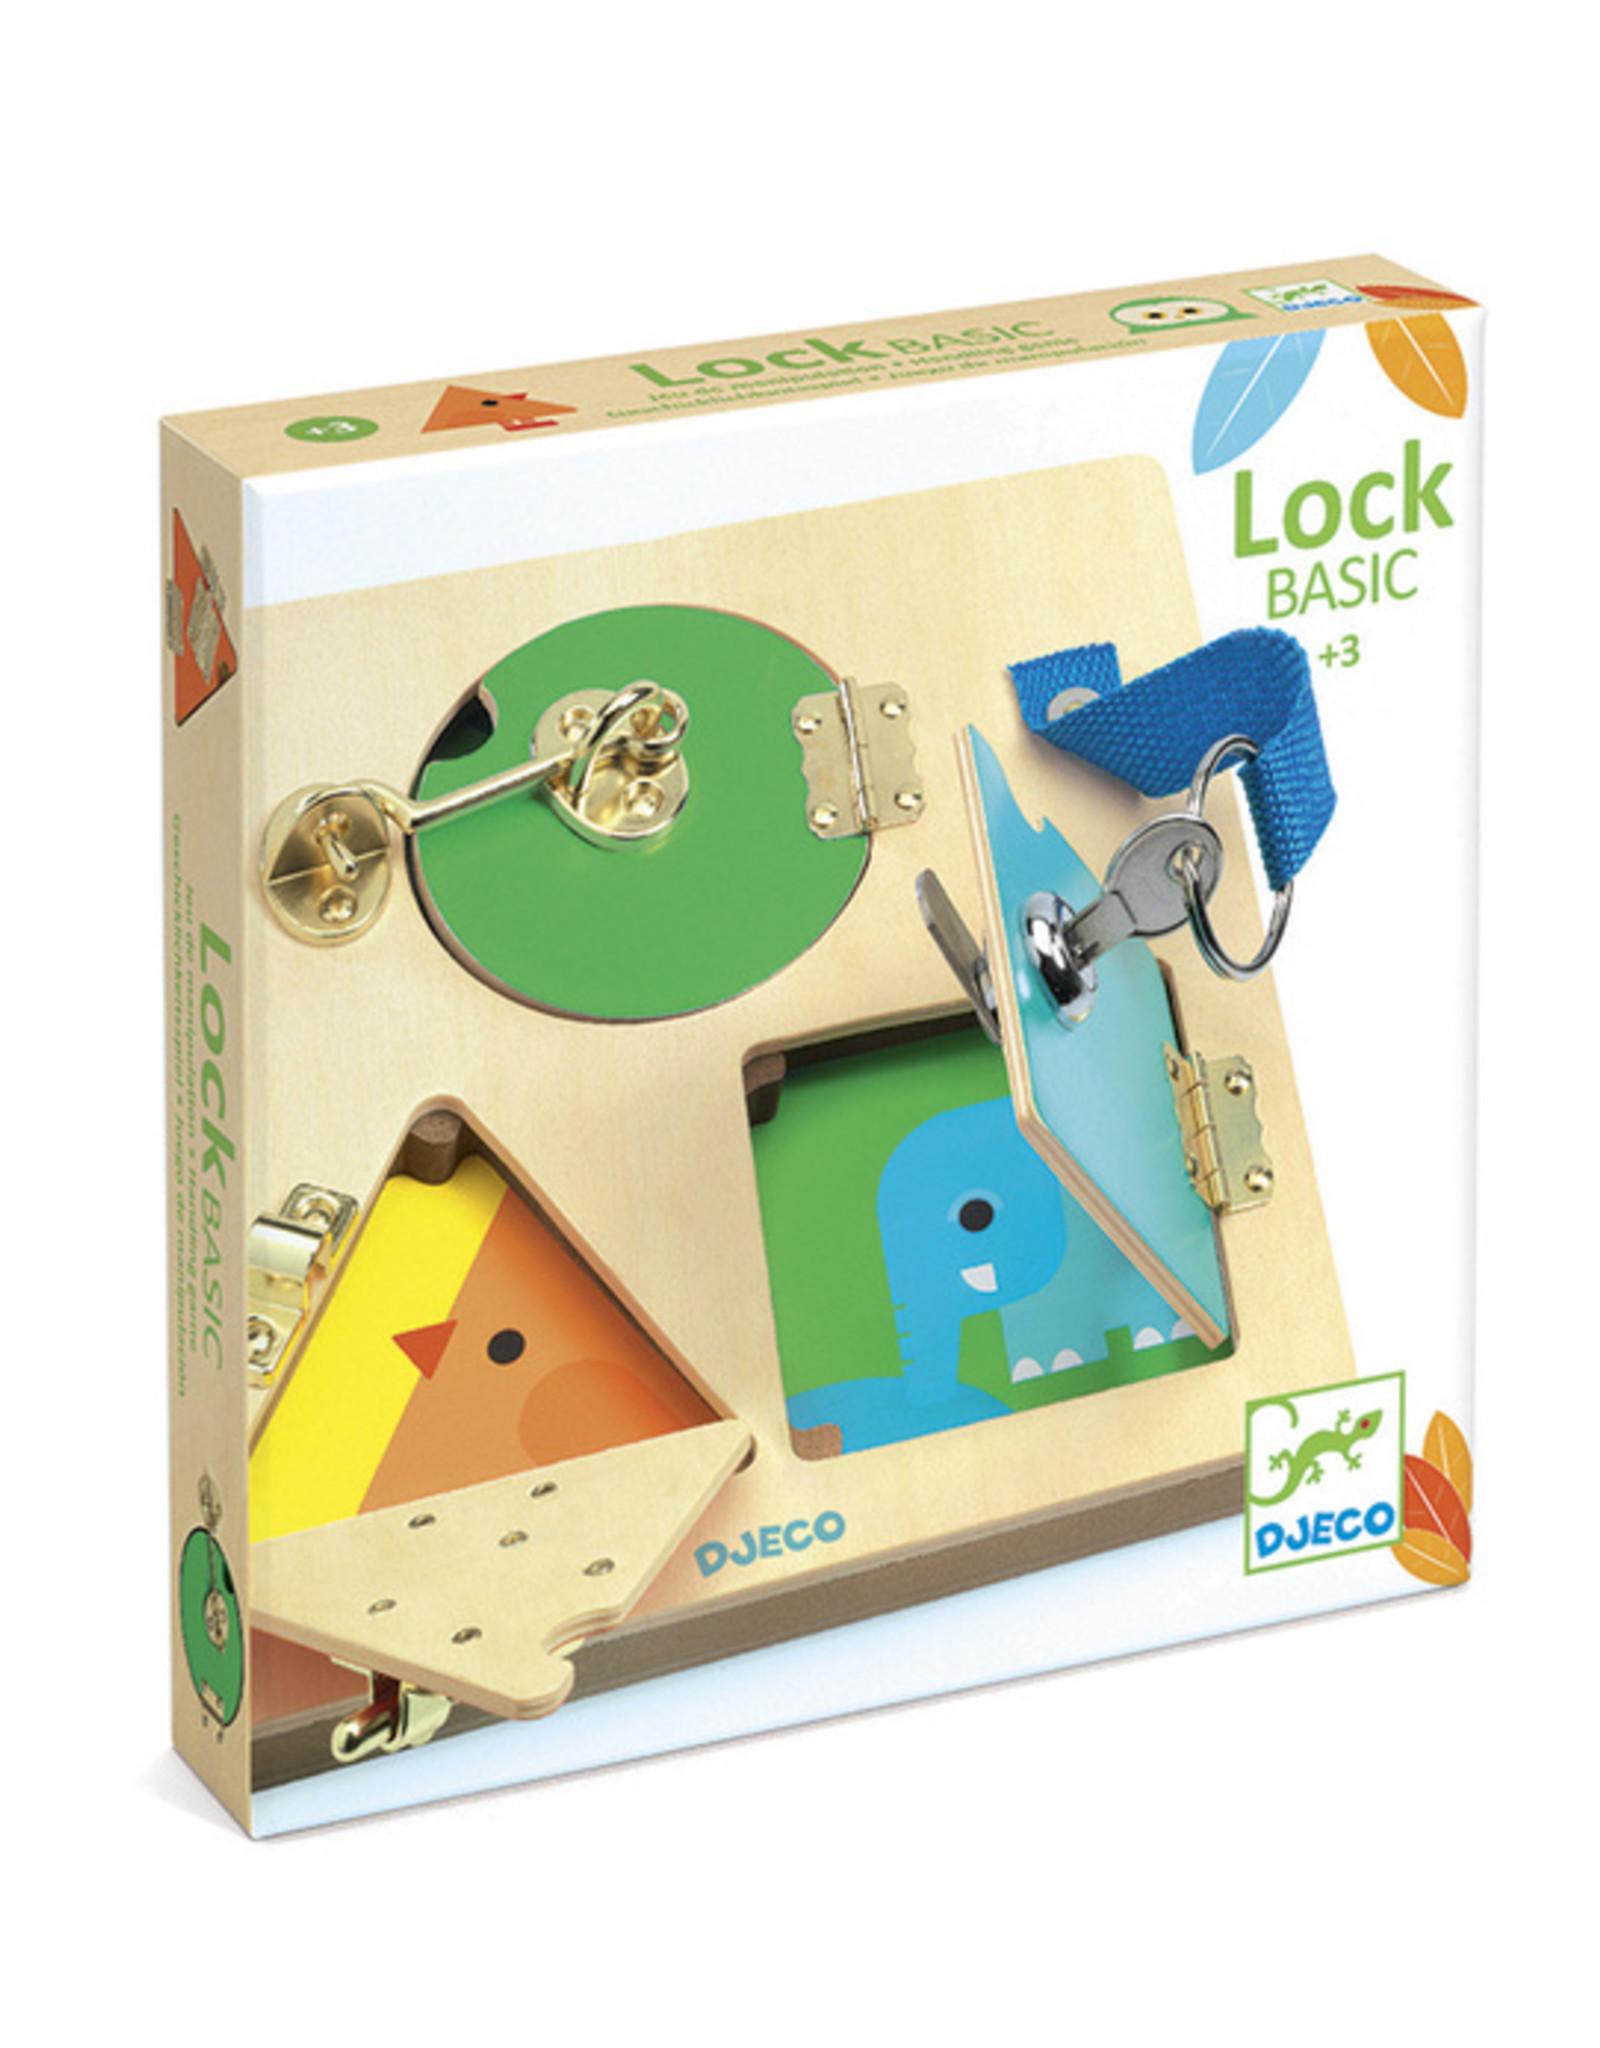 Djeco Djeco - Lock Basic Wooden Puzzle